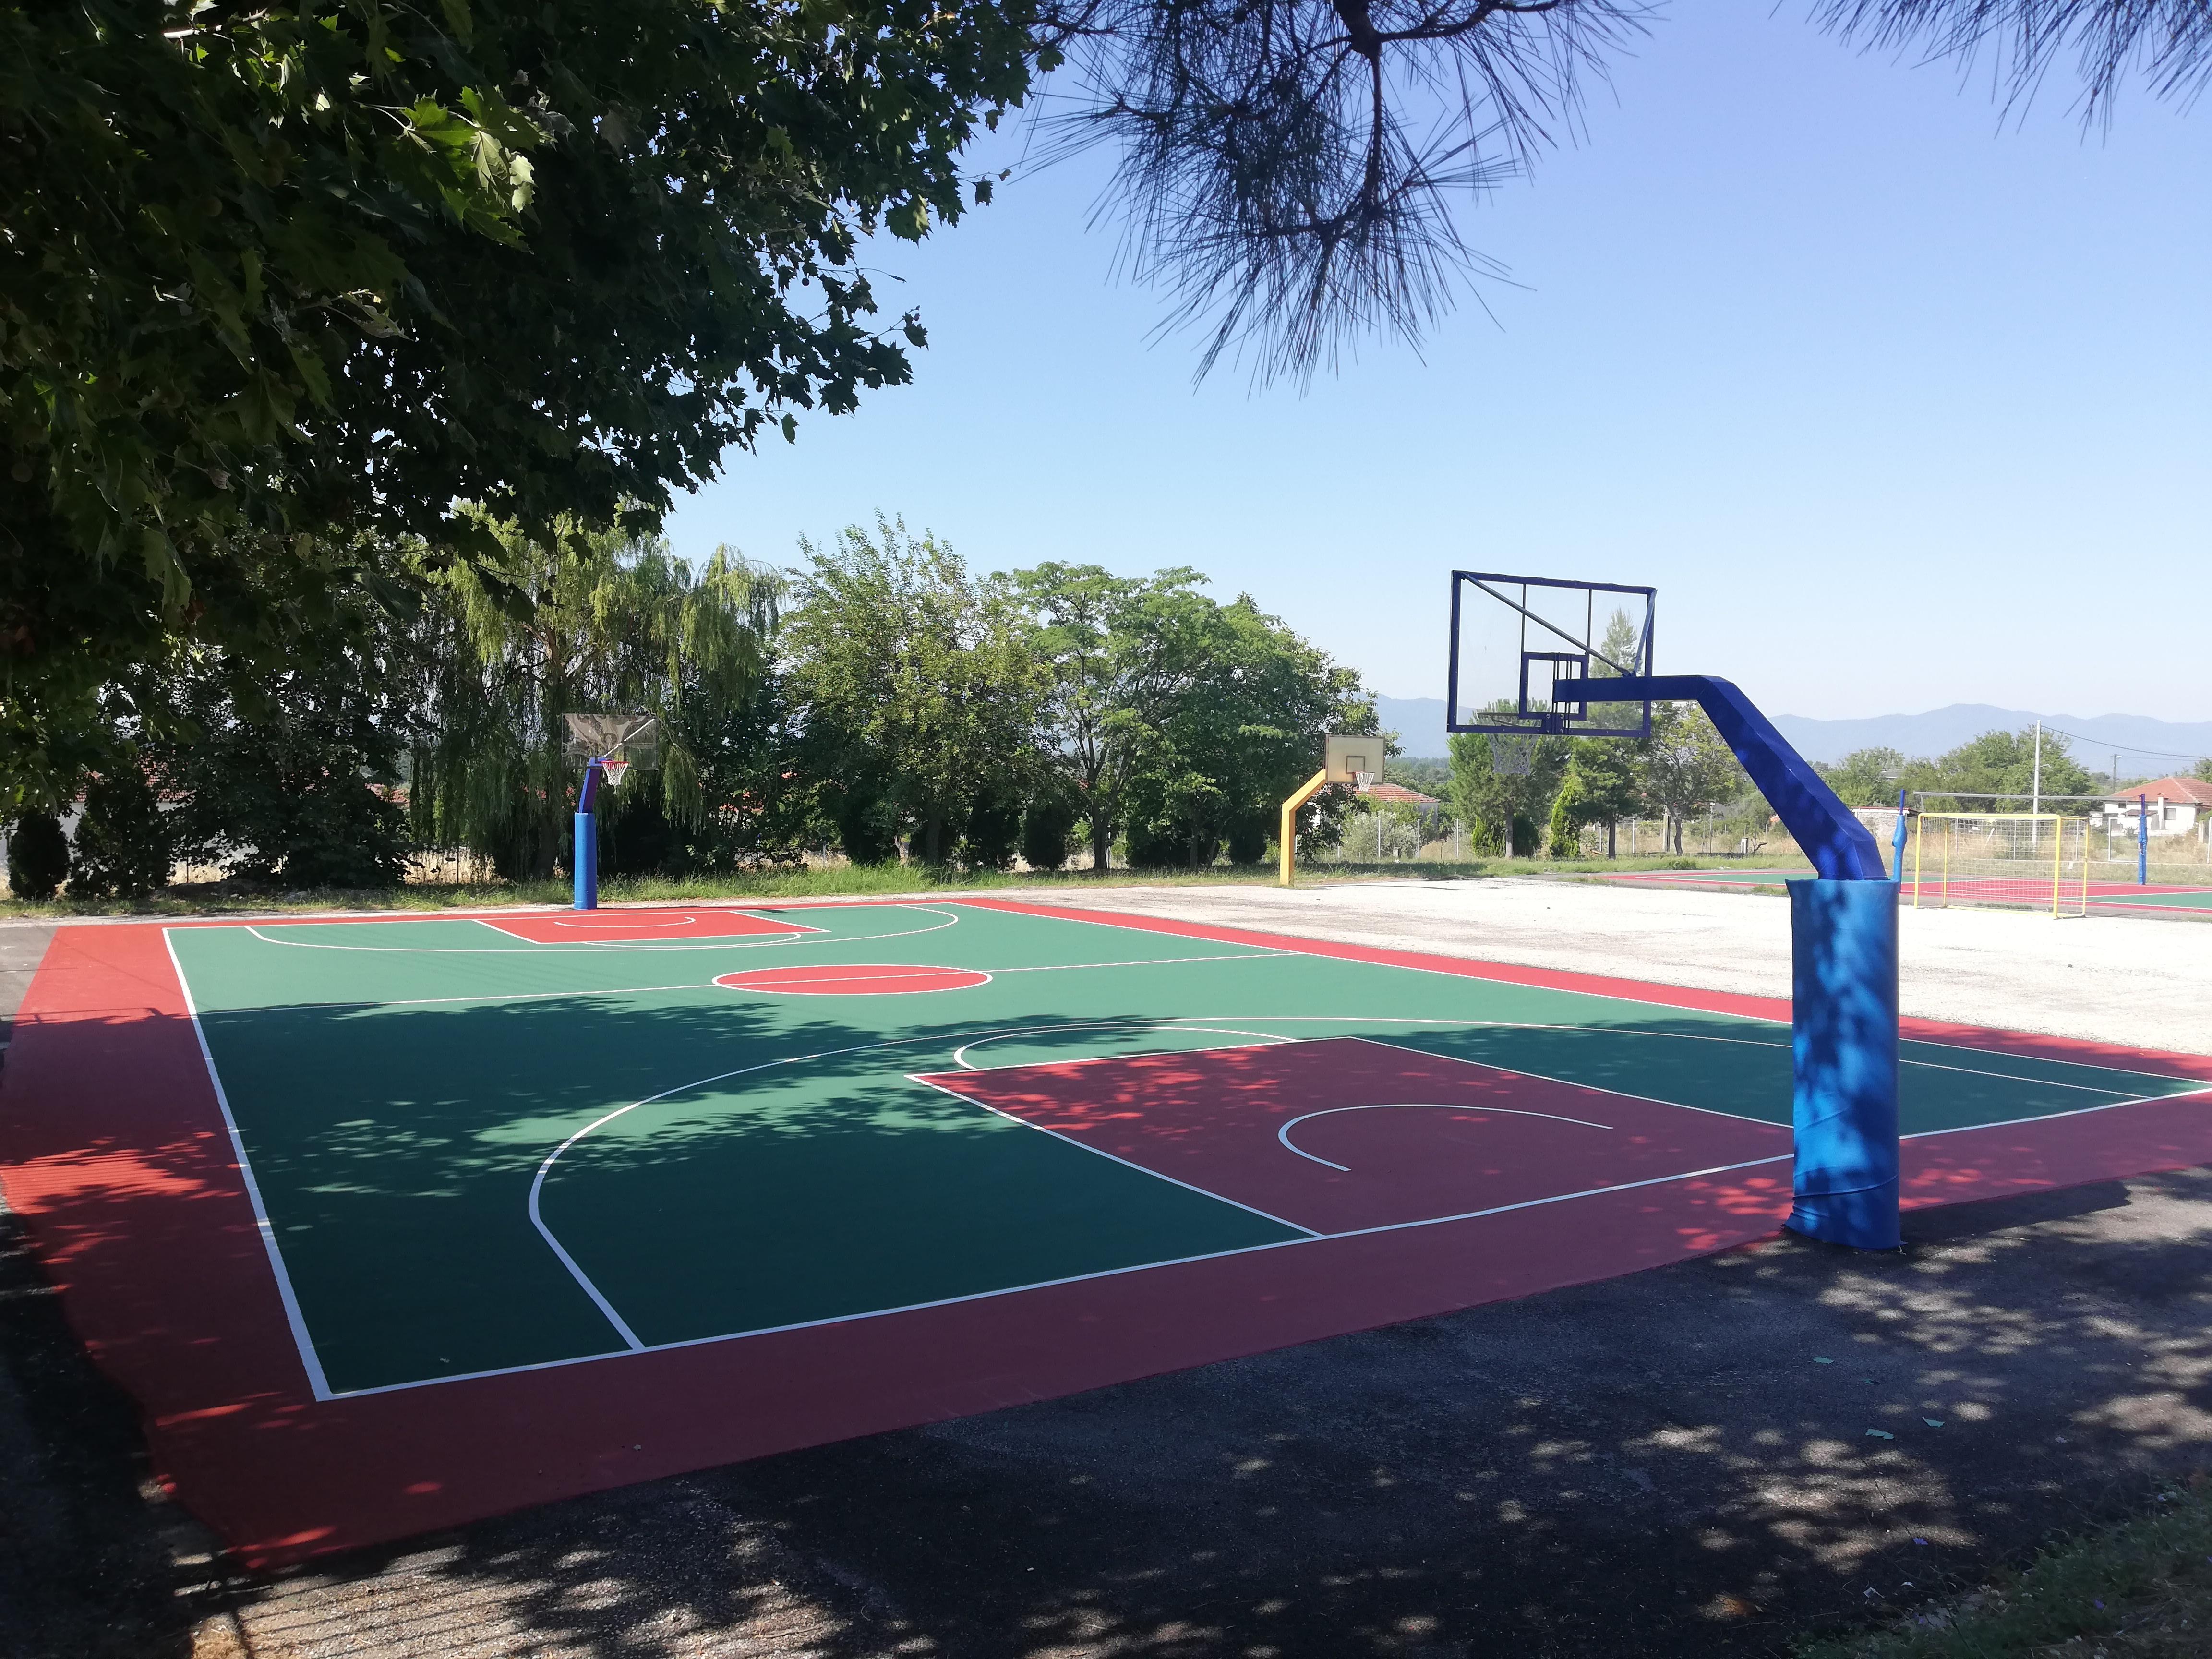 Κατασκευή γηπέδου μπάσκετ εξωτερικού χώρου